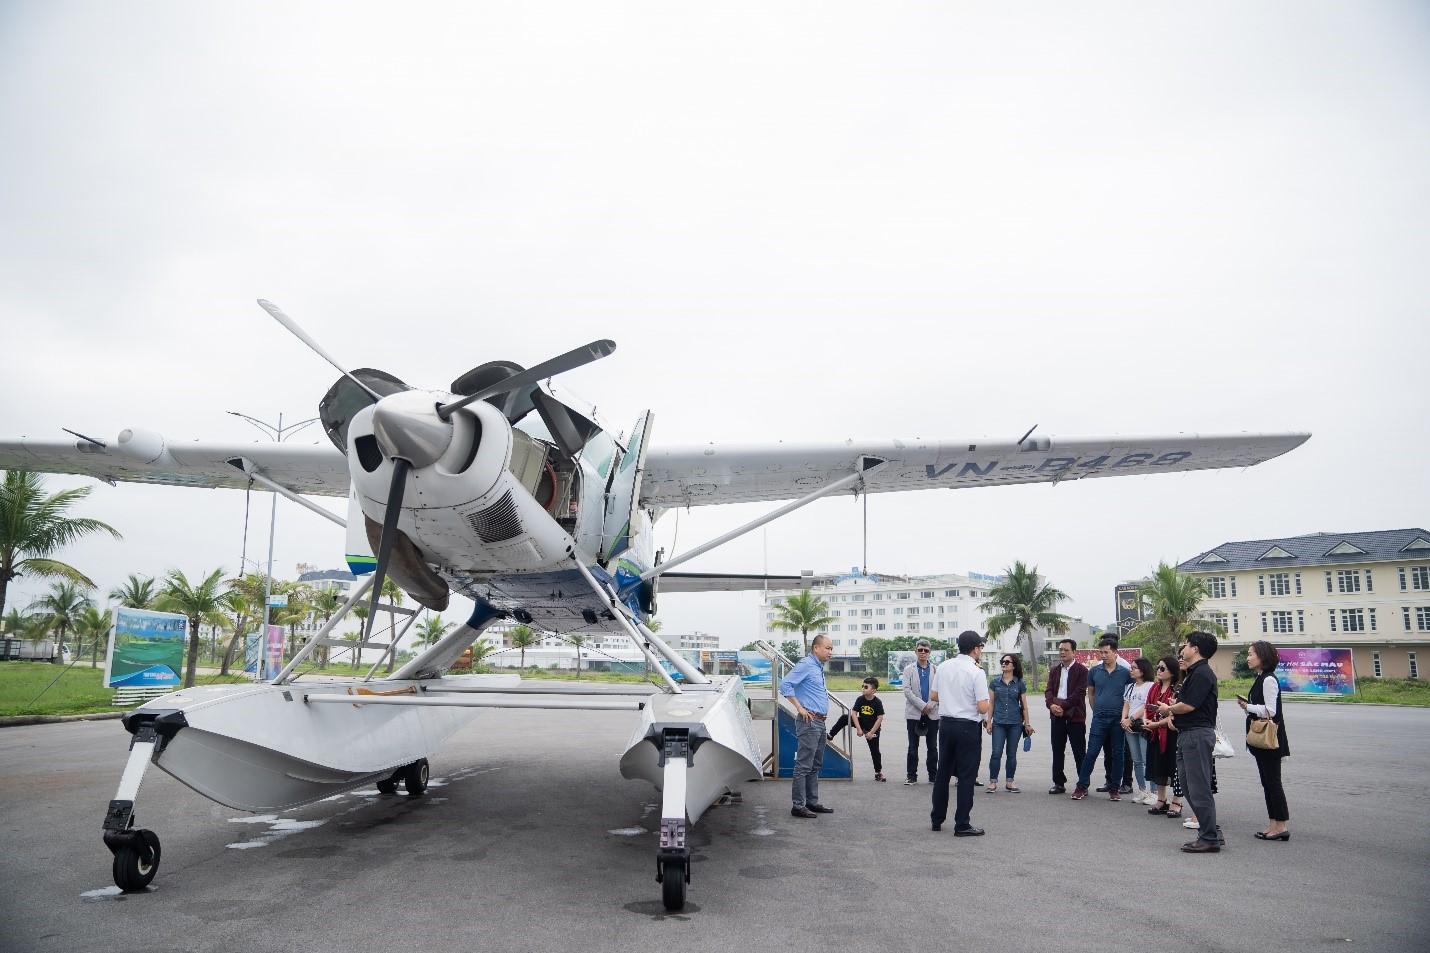 Trải nghiệm dự án nghỉ dưỡng cao cấp tại Hạ Long bằng thủy phi cơ